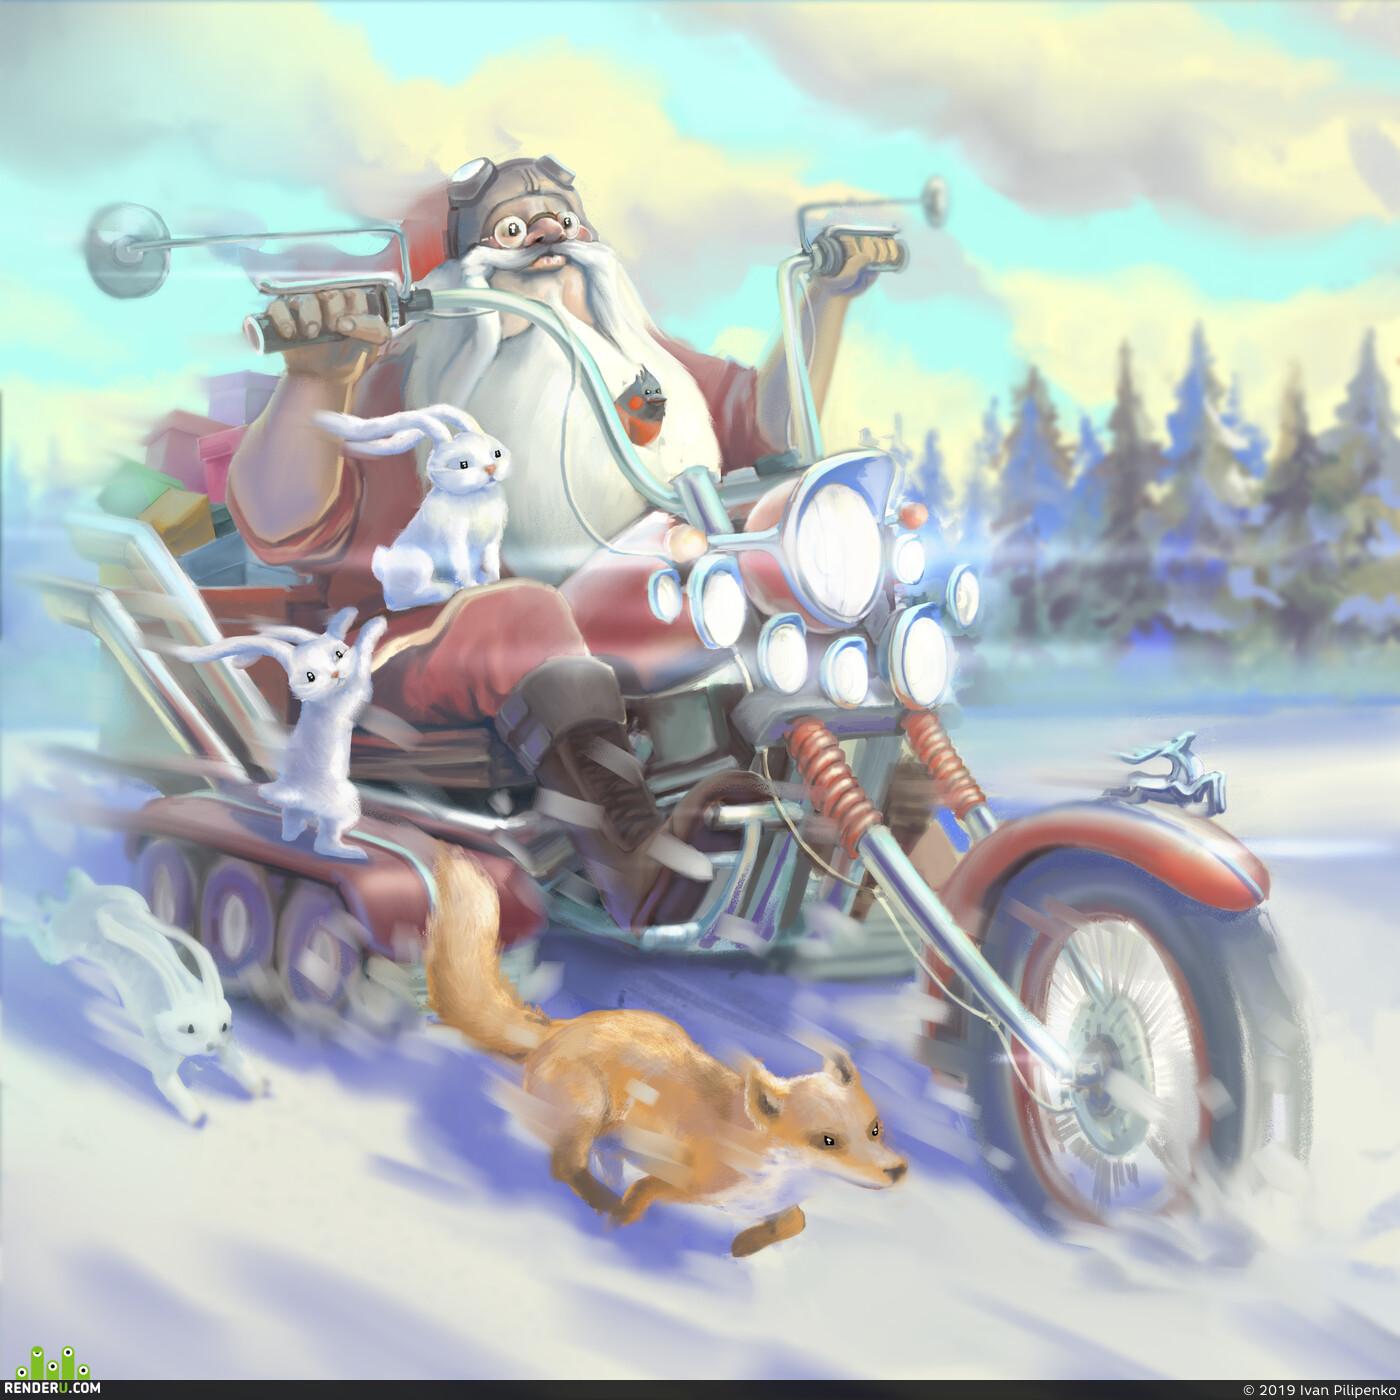 санта-клаус, новый год, Иллюстрация, праздник, подарки, дед мороз, цифровая живопись, Цифровой 2d, цифровое искусство, Компьютерная графика/CG